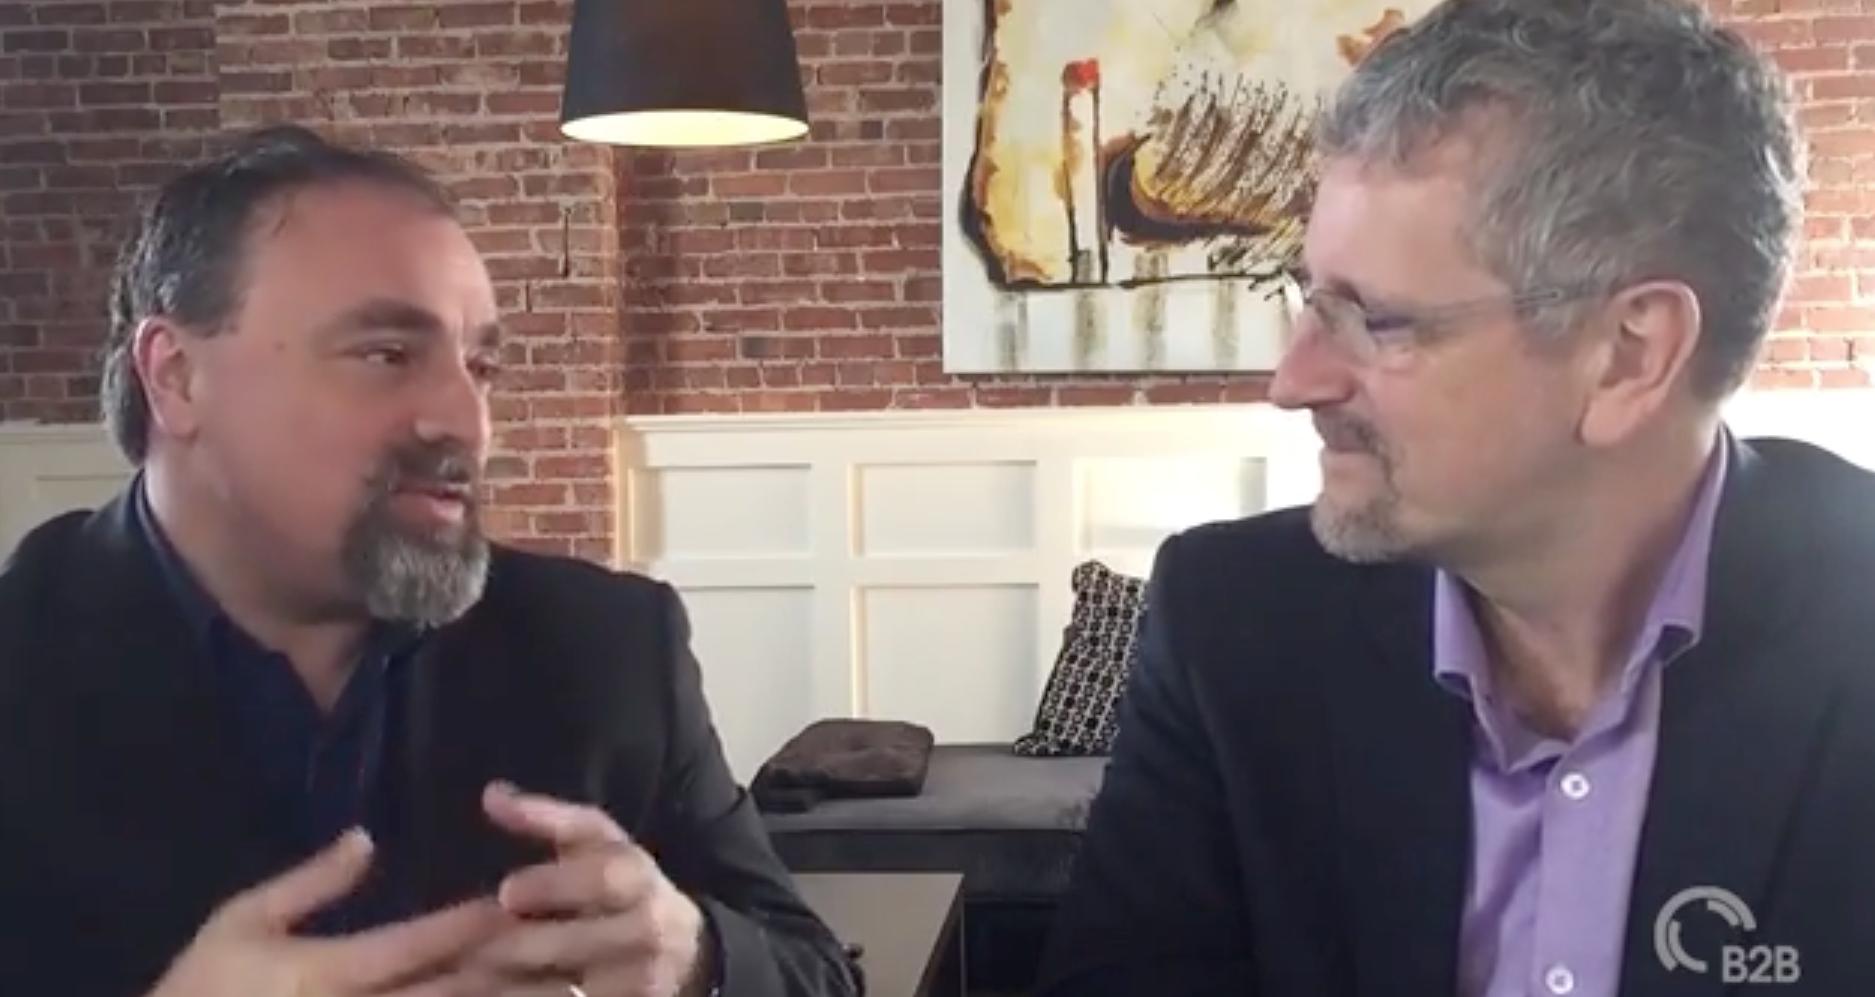 Vidéo : En B2B, comment un gestionnaire doit-il vendre son entreprise?